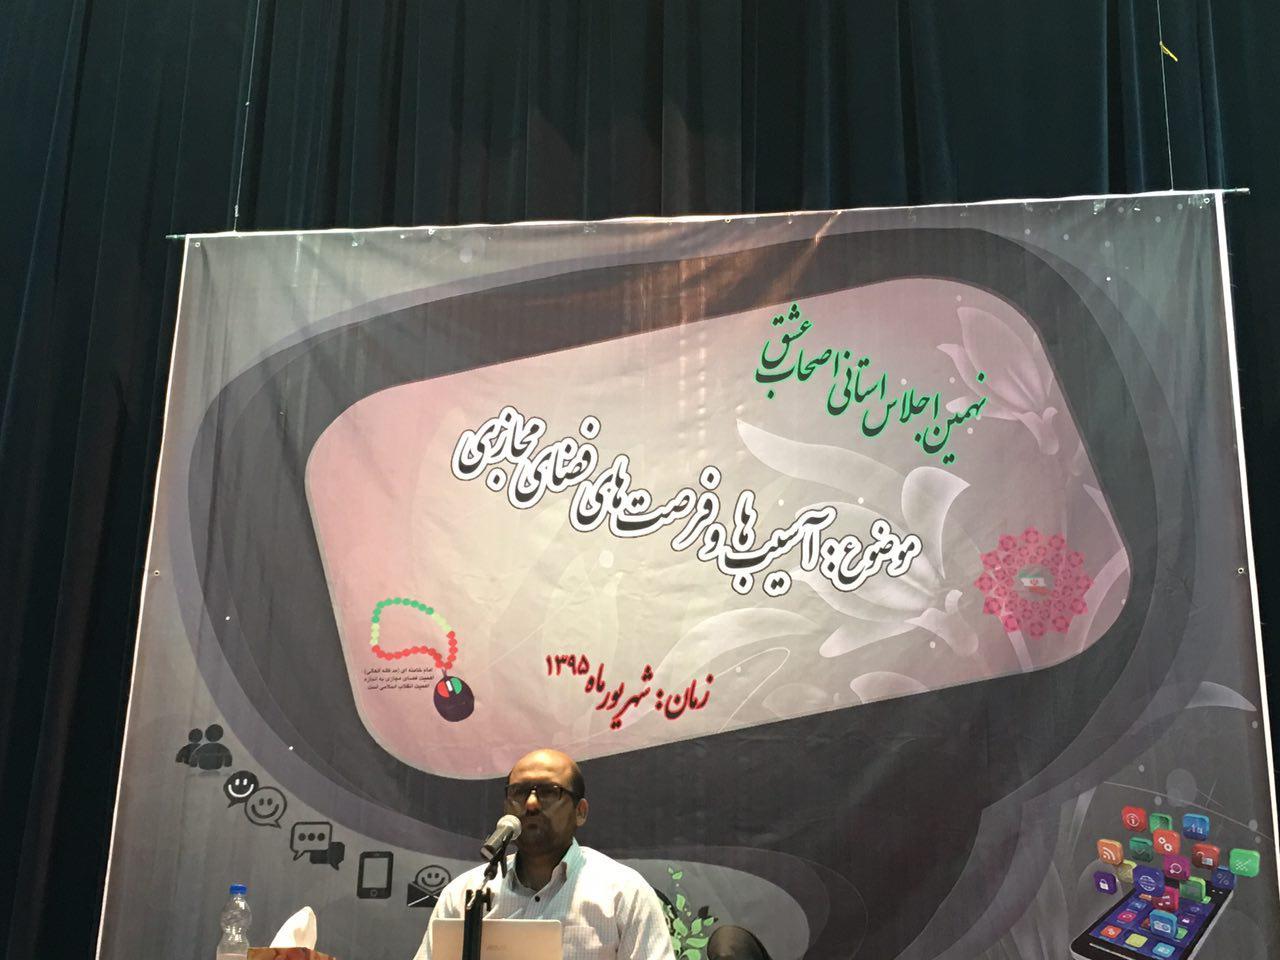 نهمین اجلاس استانی «اصحاب عشق» با حضور دکتر متین فر در گرگان برگزار شد + تصاویر